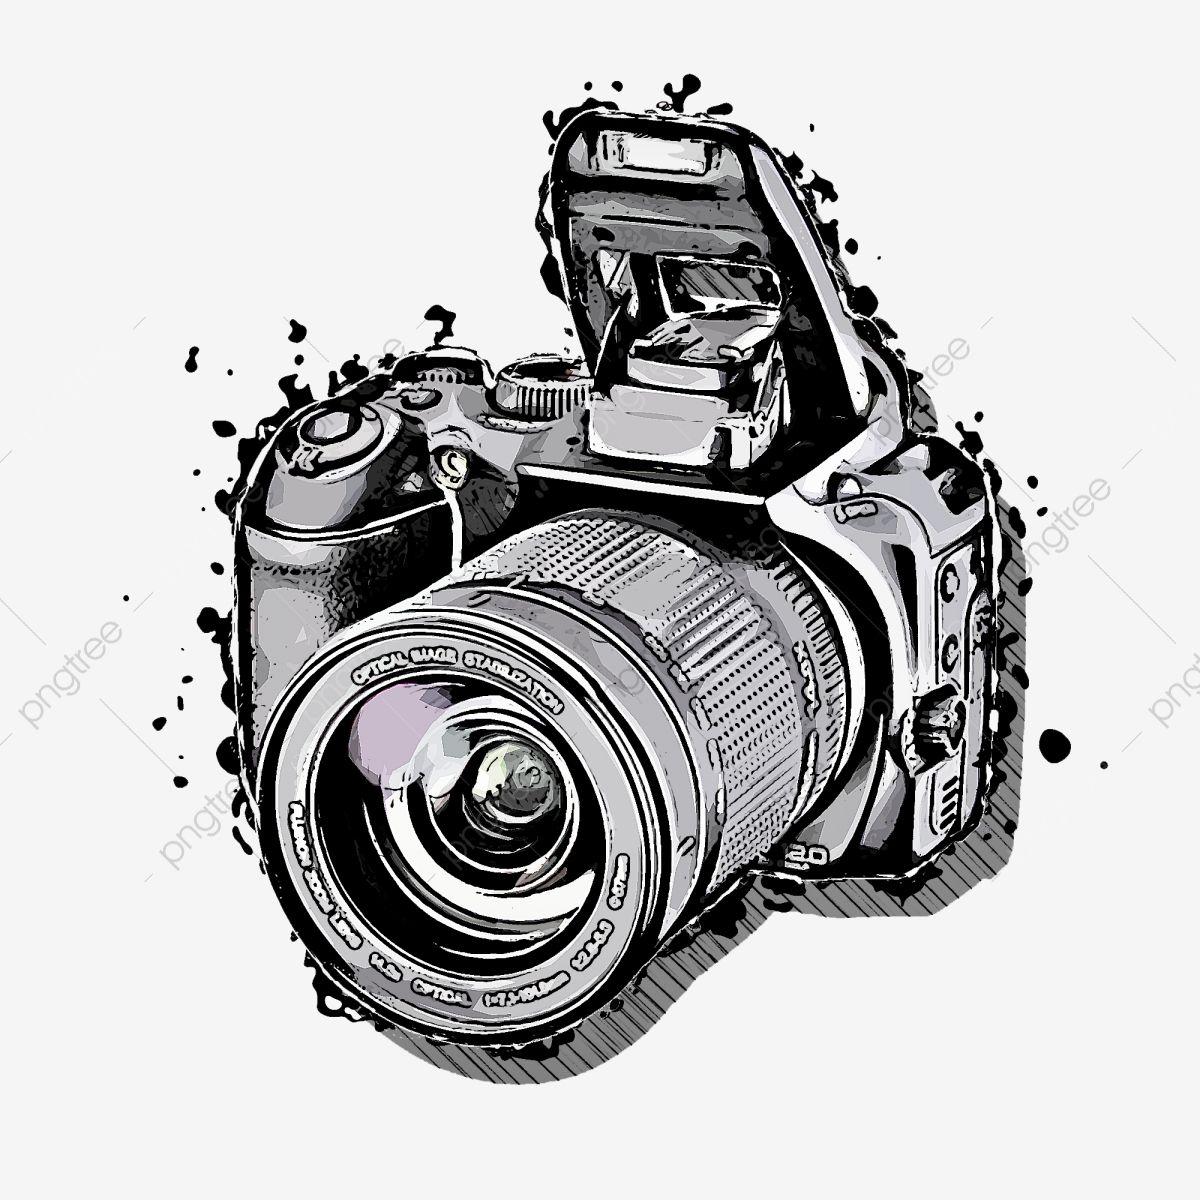 Camera Digital Cameraelectronic Camera Fotografia Camera Slr Imagem Png E Psd Para Download Gratuito Camera Tattoo Design Camera Clip Art Camera Drawing